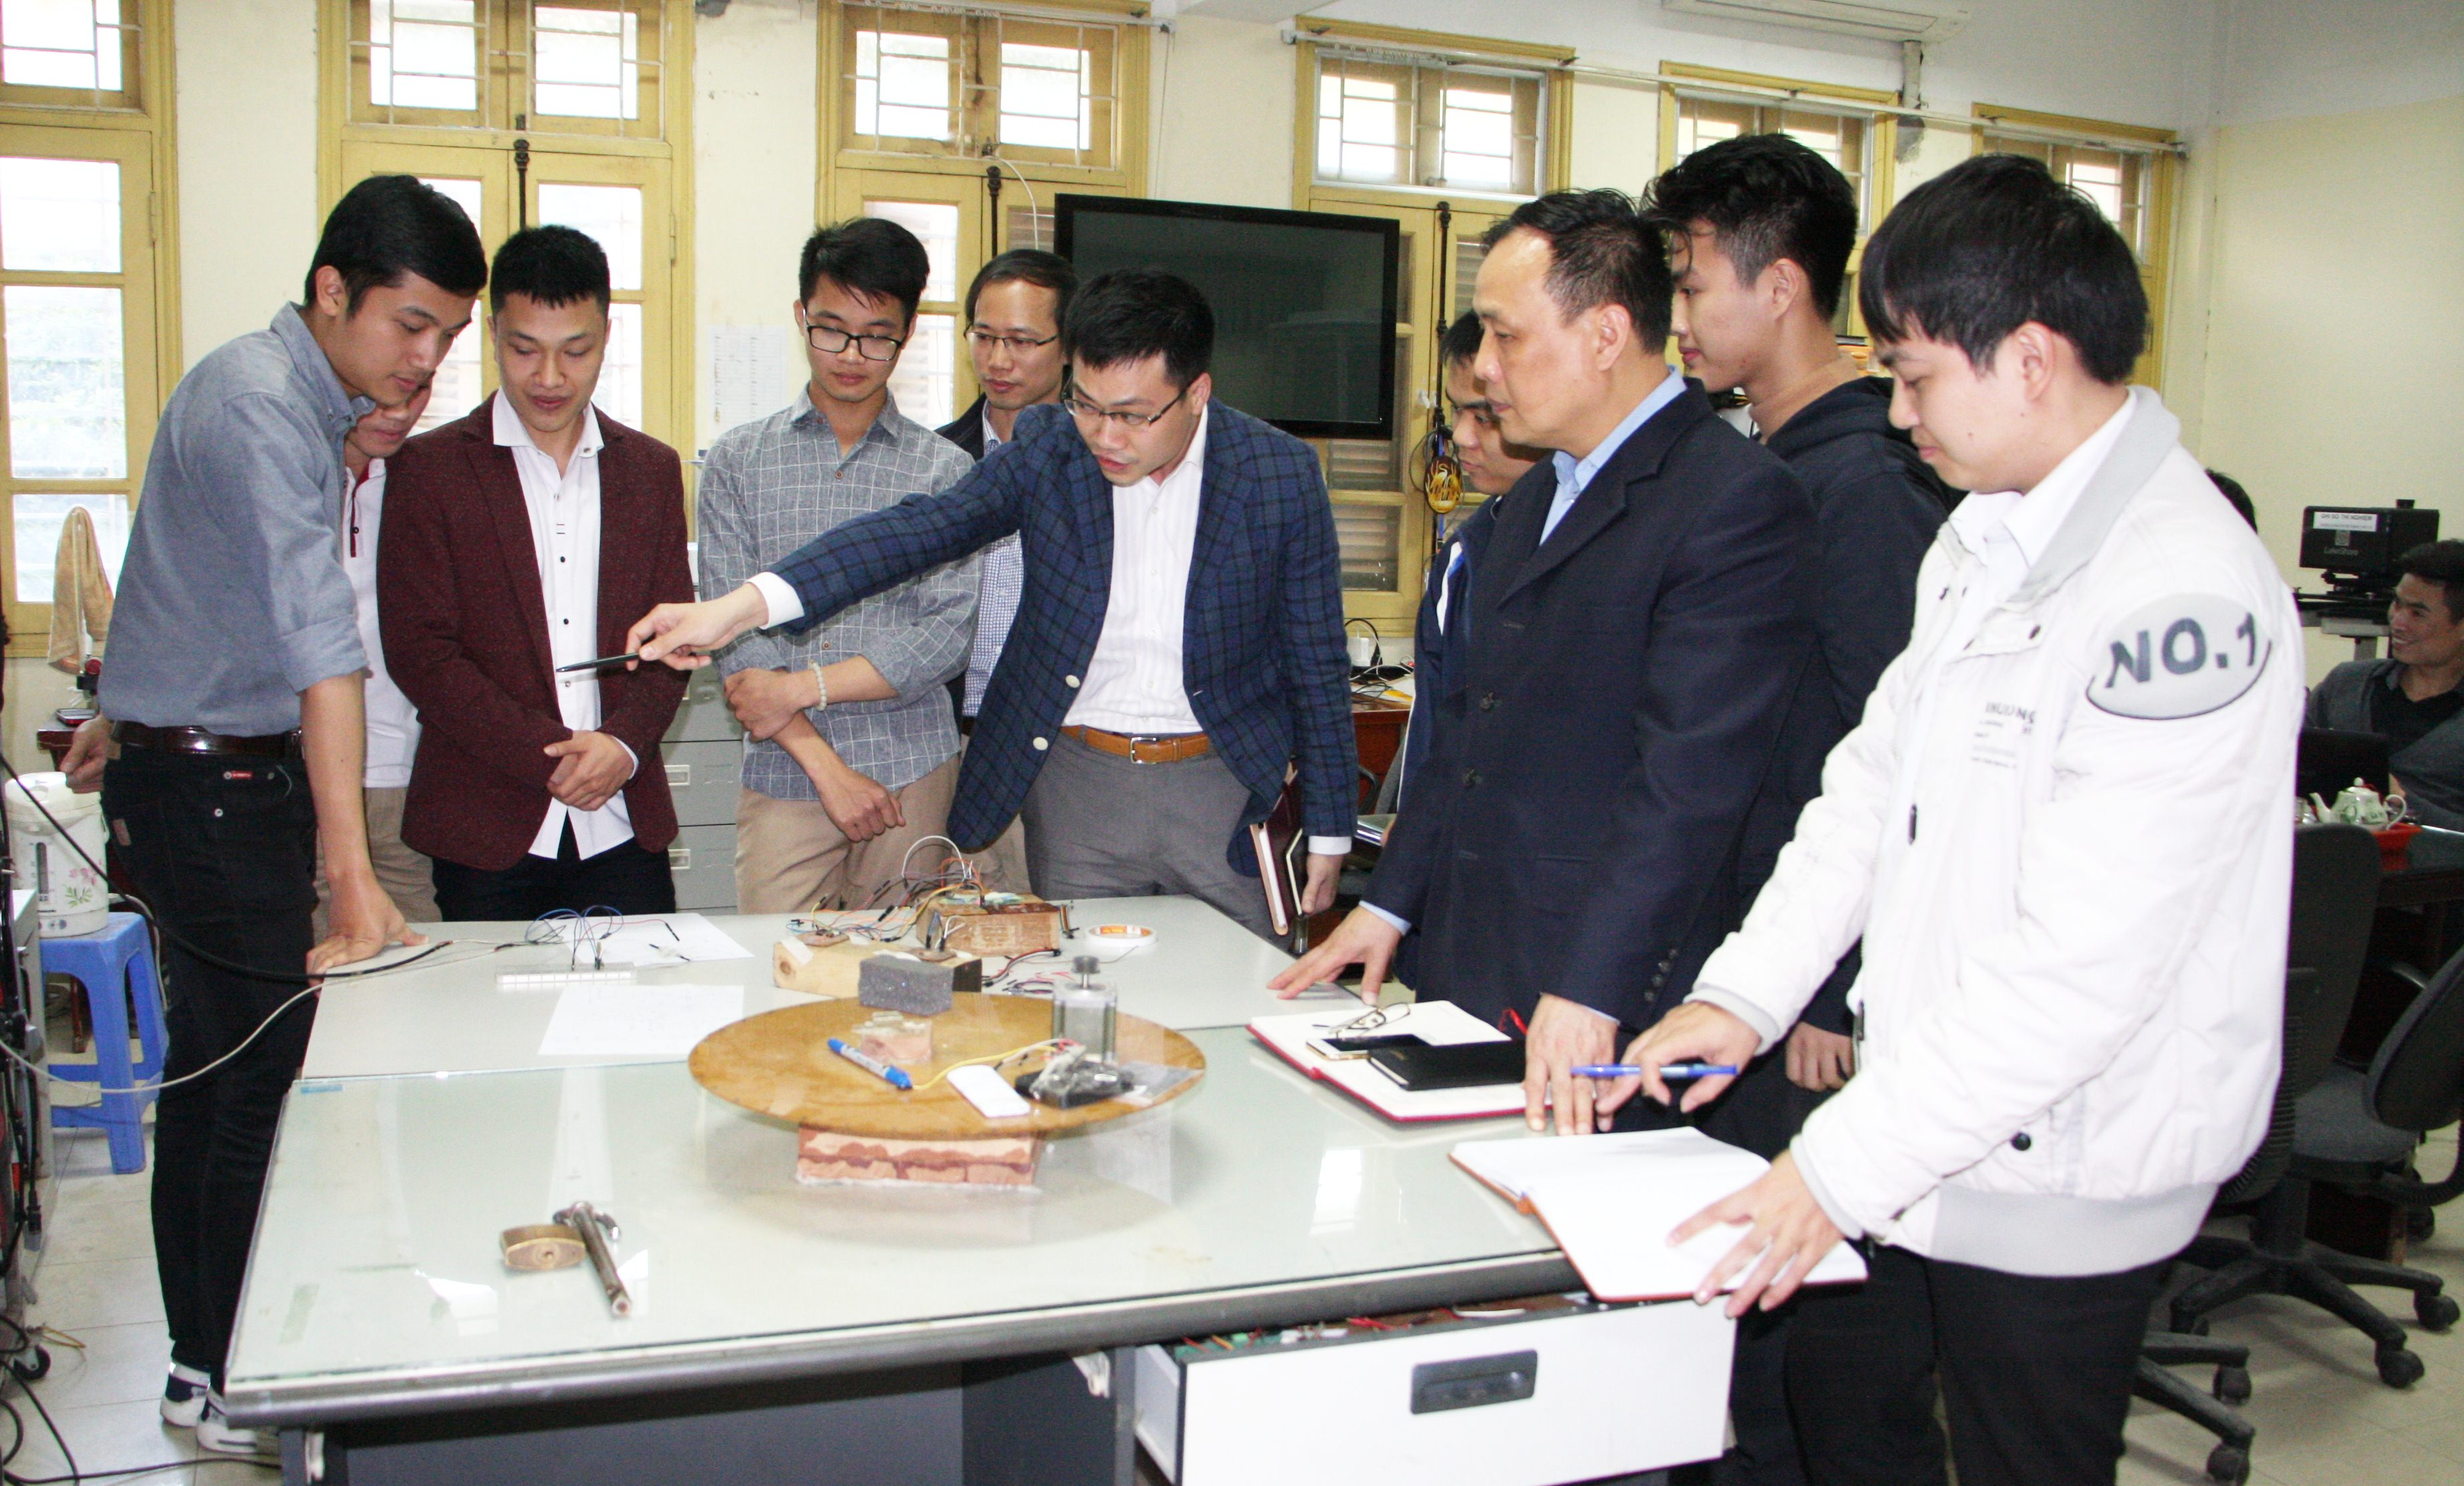 Nhóm nghiên cứu Vật liệu và kết cấu tiên tiến - một nhóm nghiên cứu mạnh của Đại học Quốc gia Hà Nội. Nguồn: uet.vnu.edu.vn